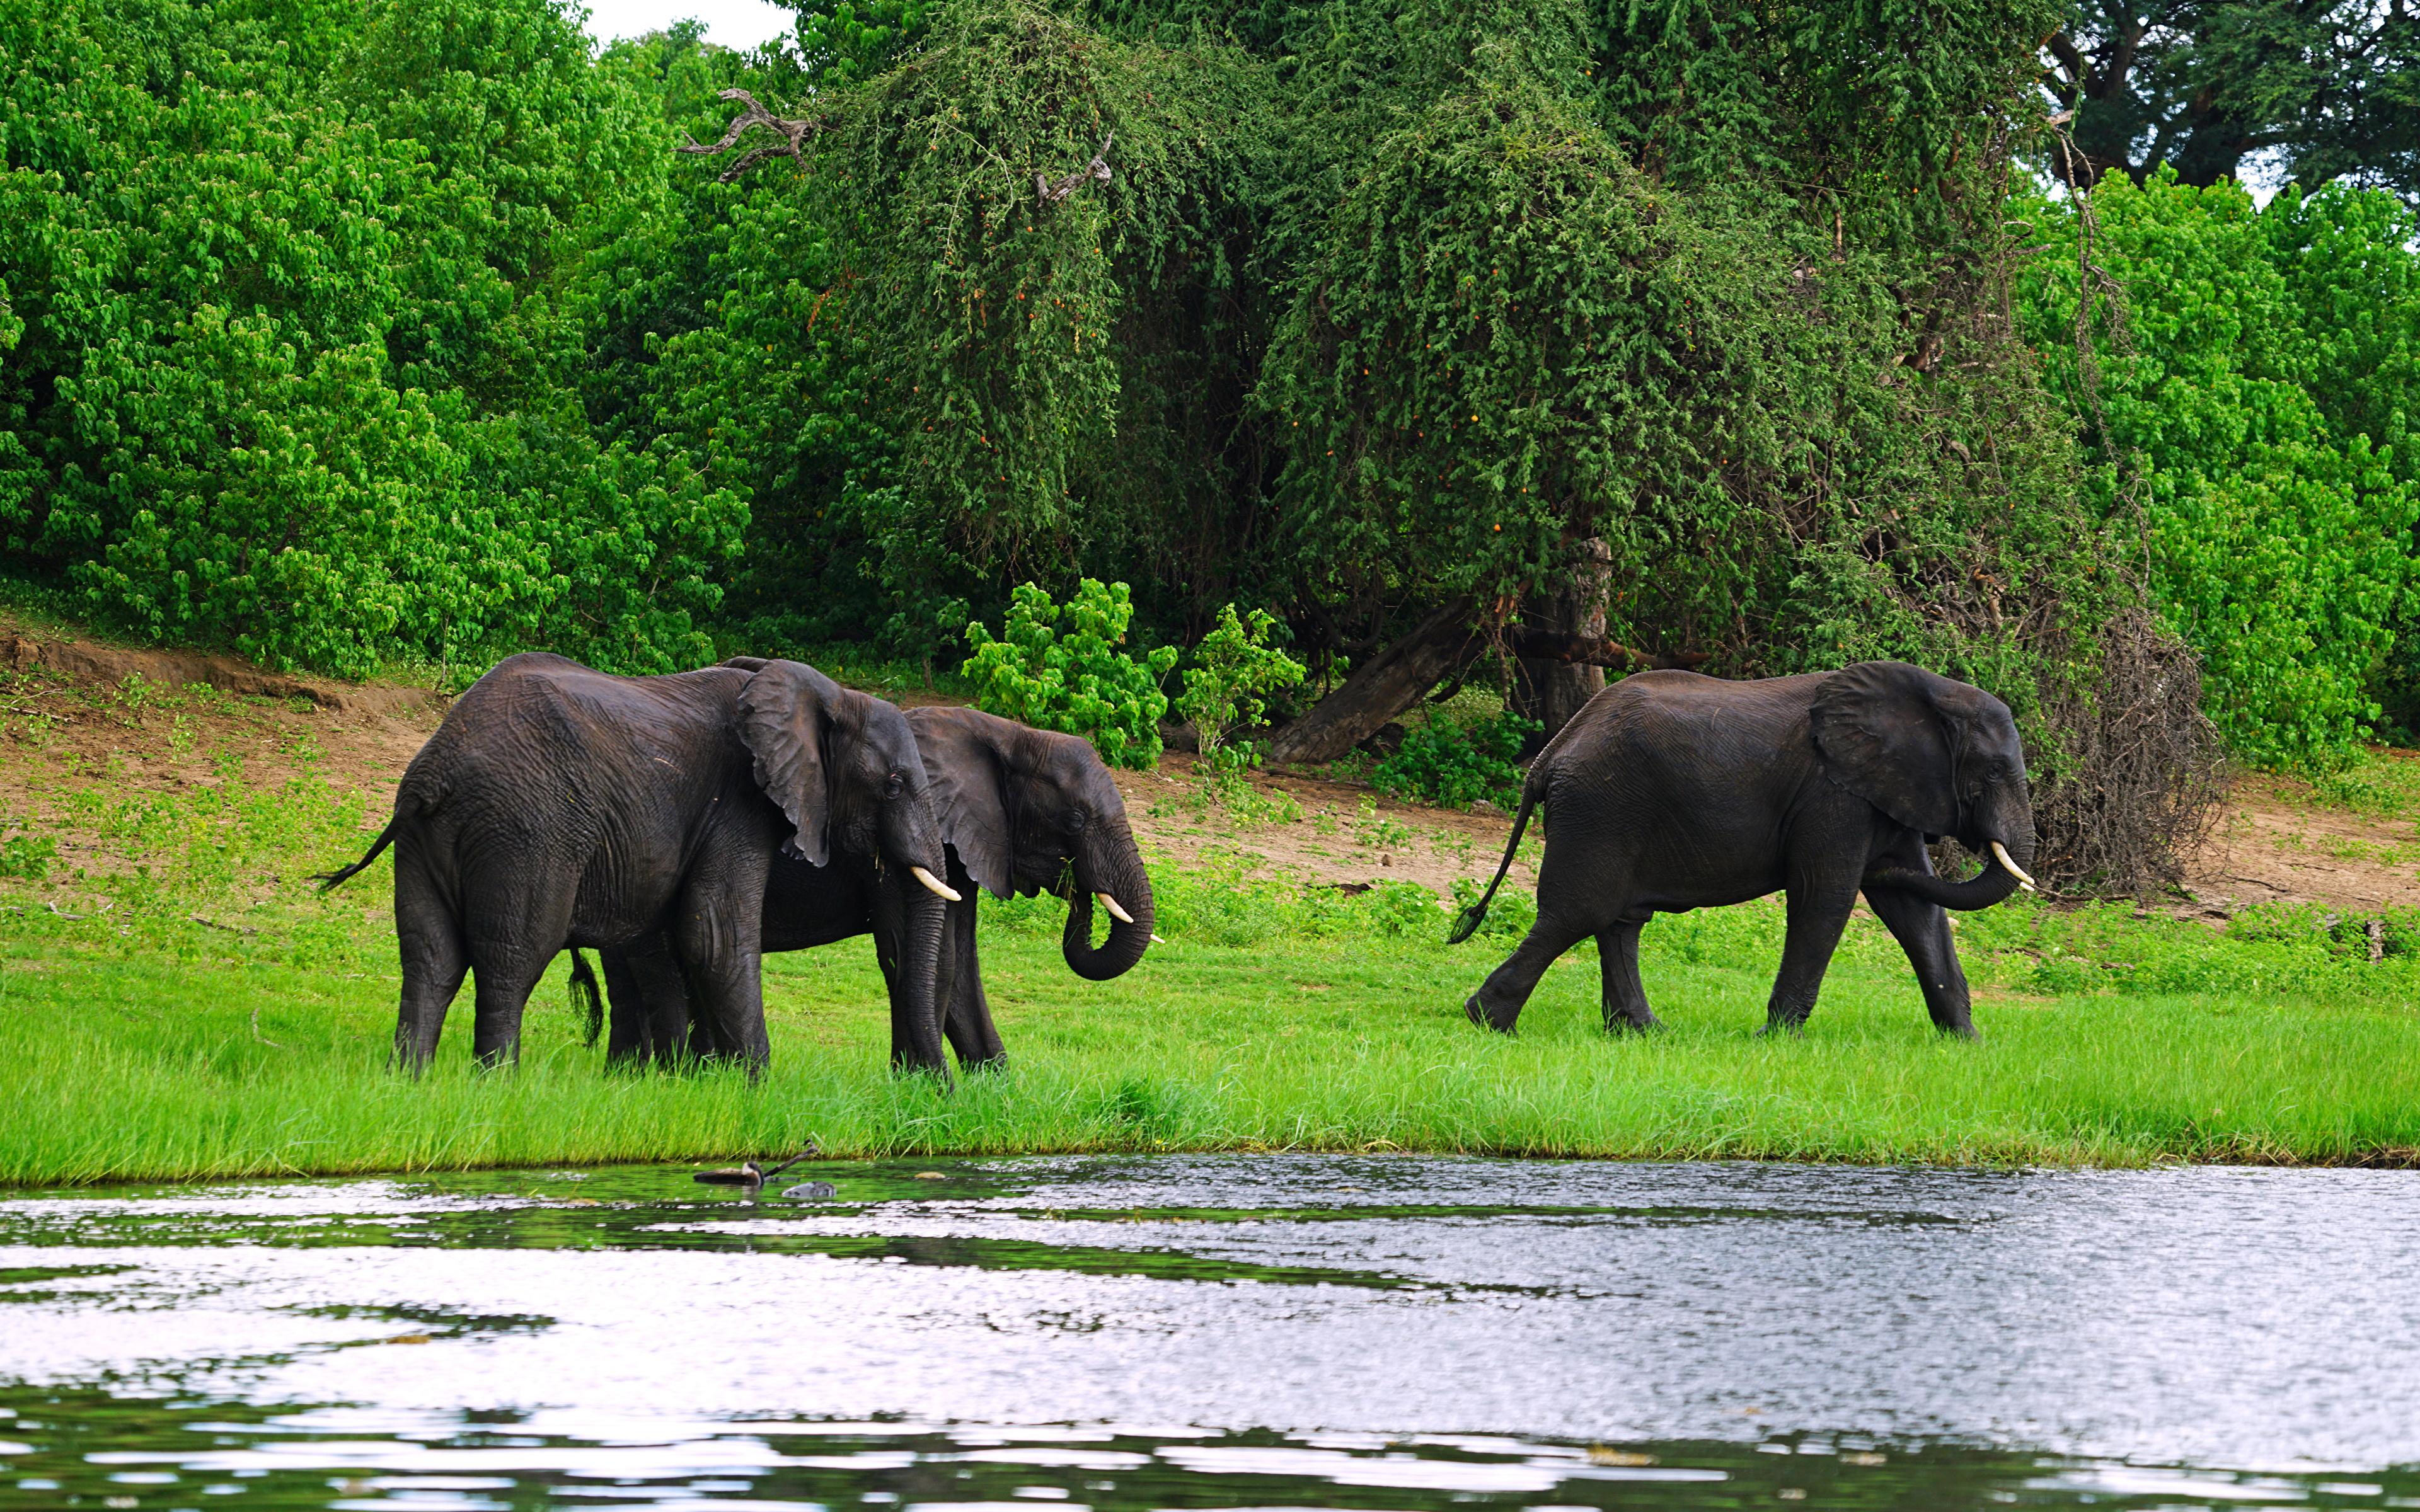 Картинка Слоны Трое 3 берег Животные 3840x2400 три втроем Побережье животное